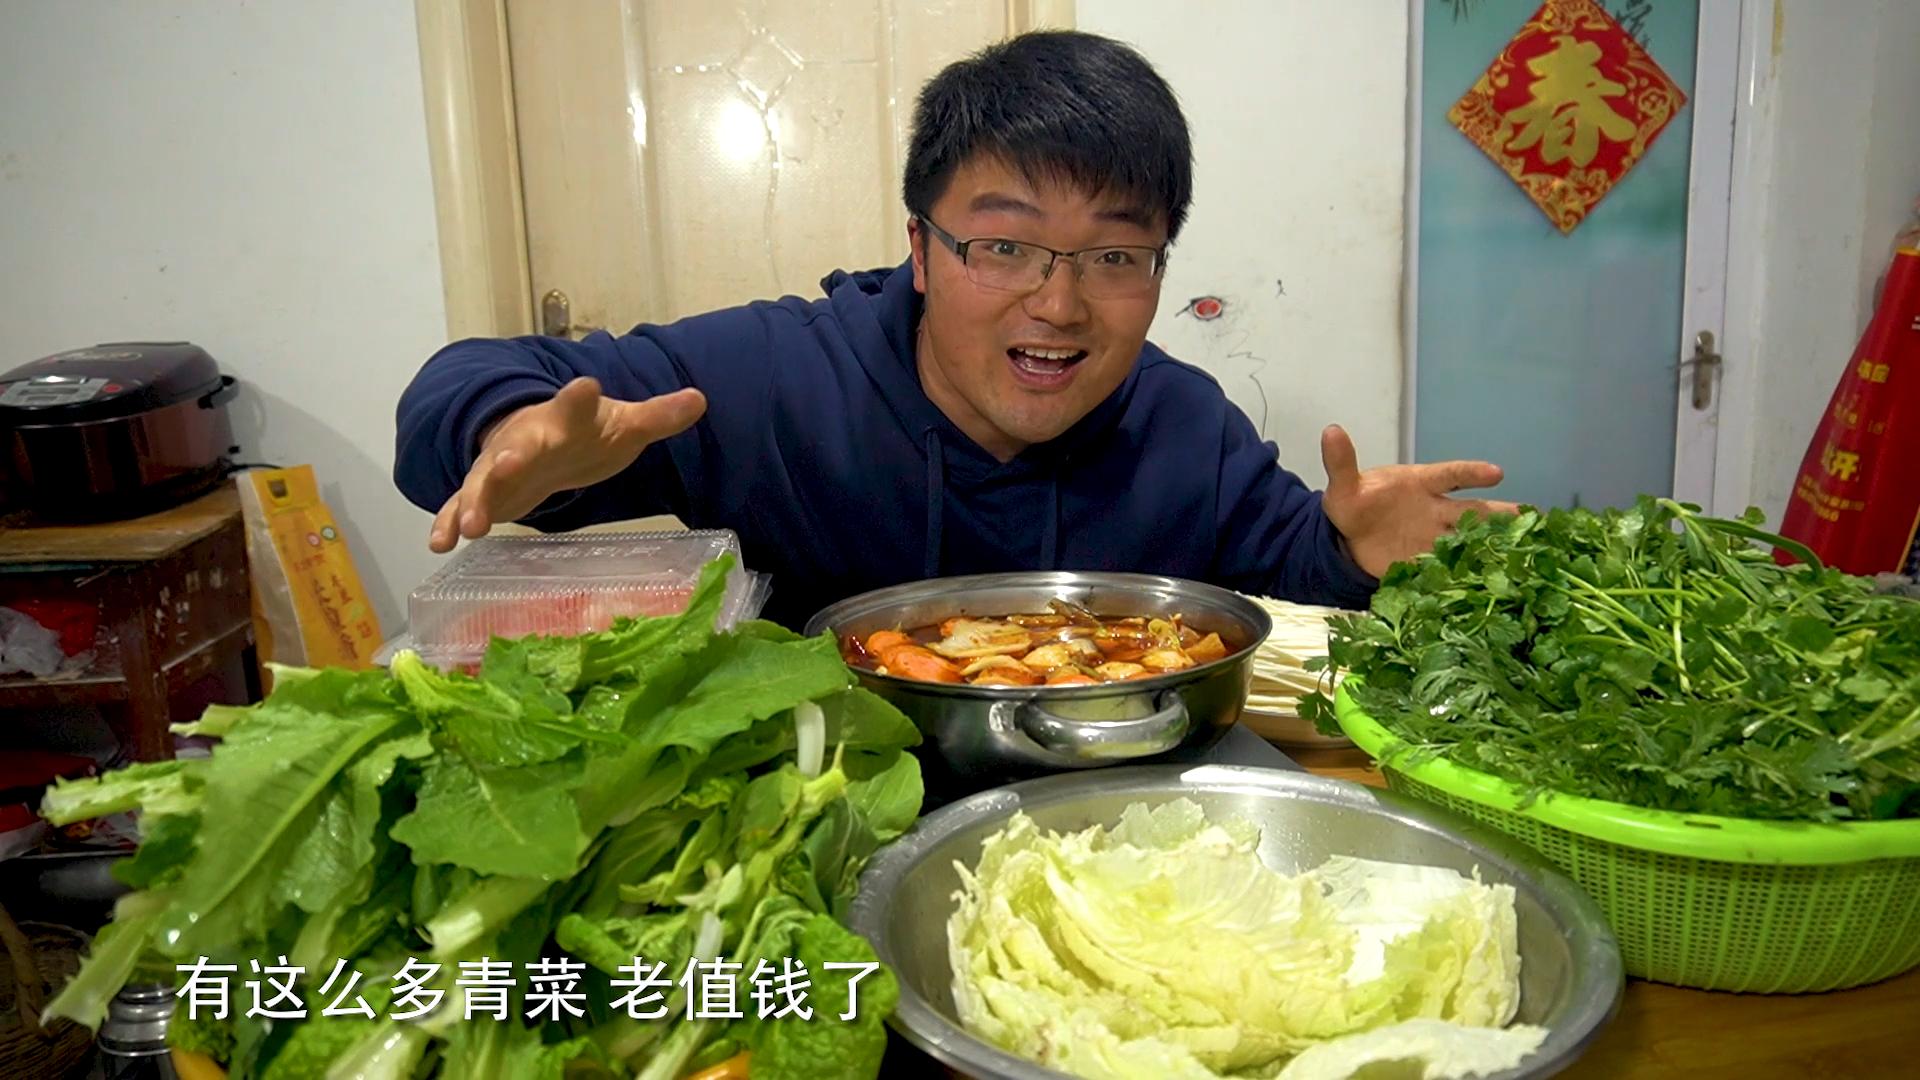 亲戚贡献一顿火锅,这么多食材老值钱了,蔬菜牛羊锅,真过瘾